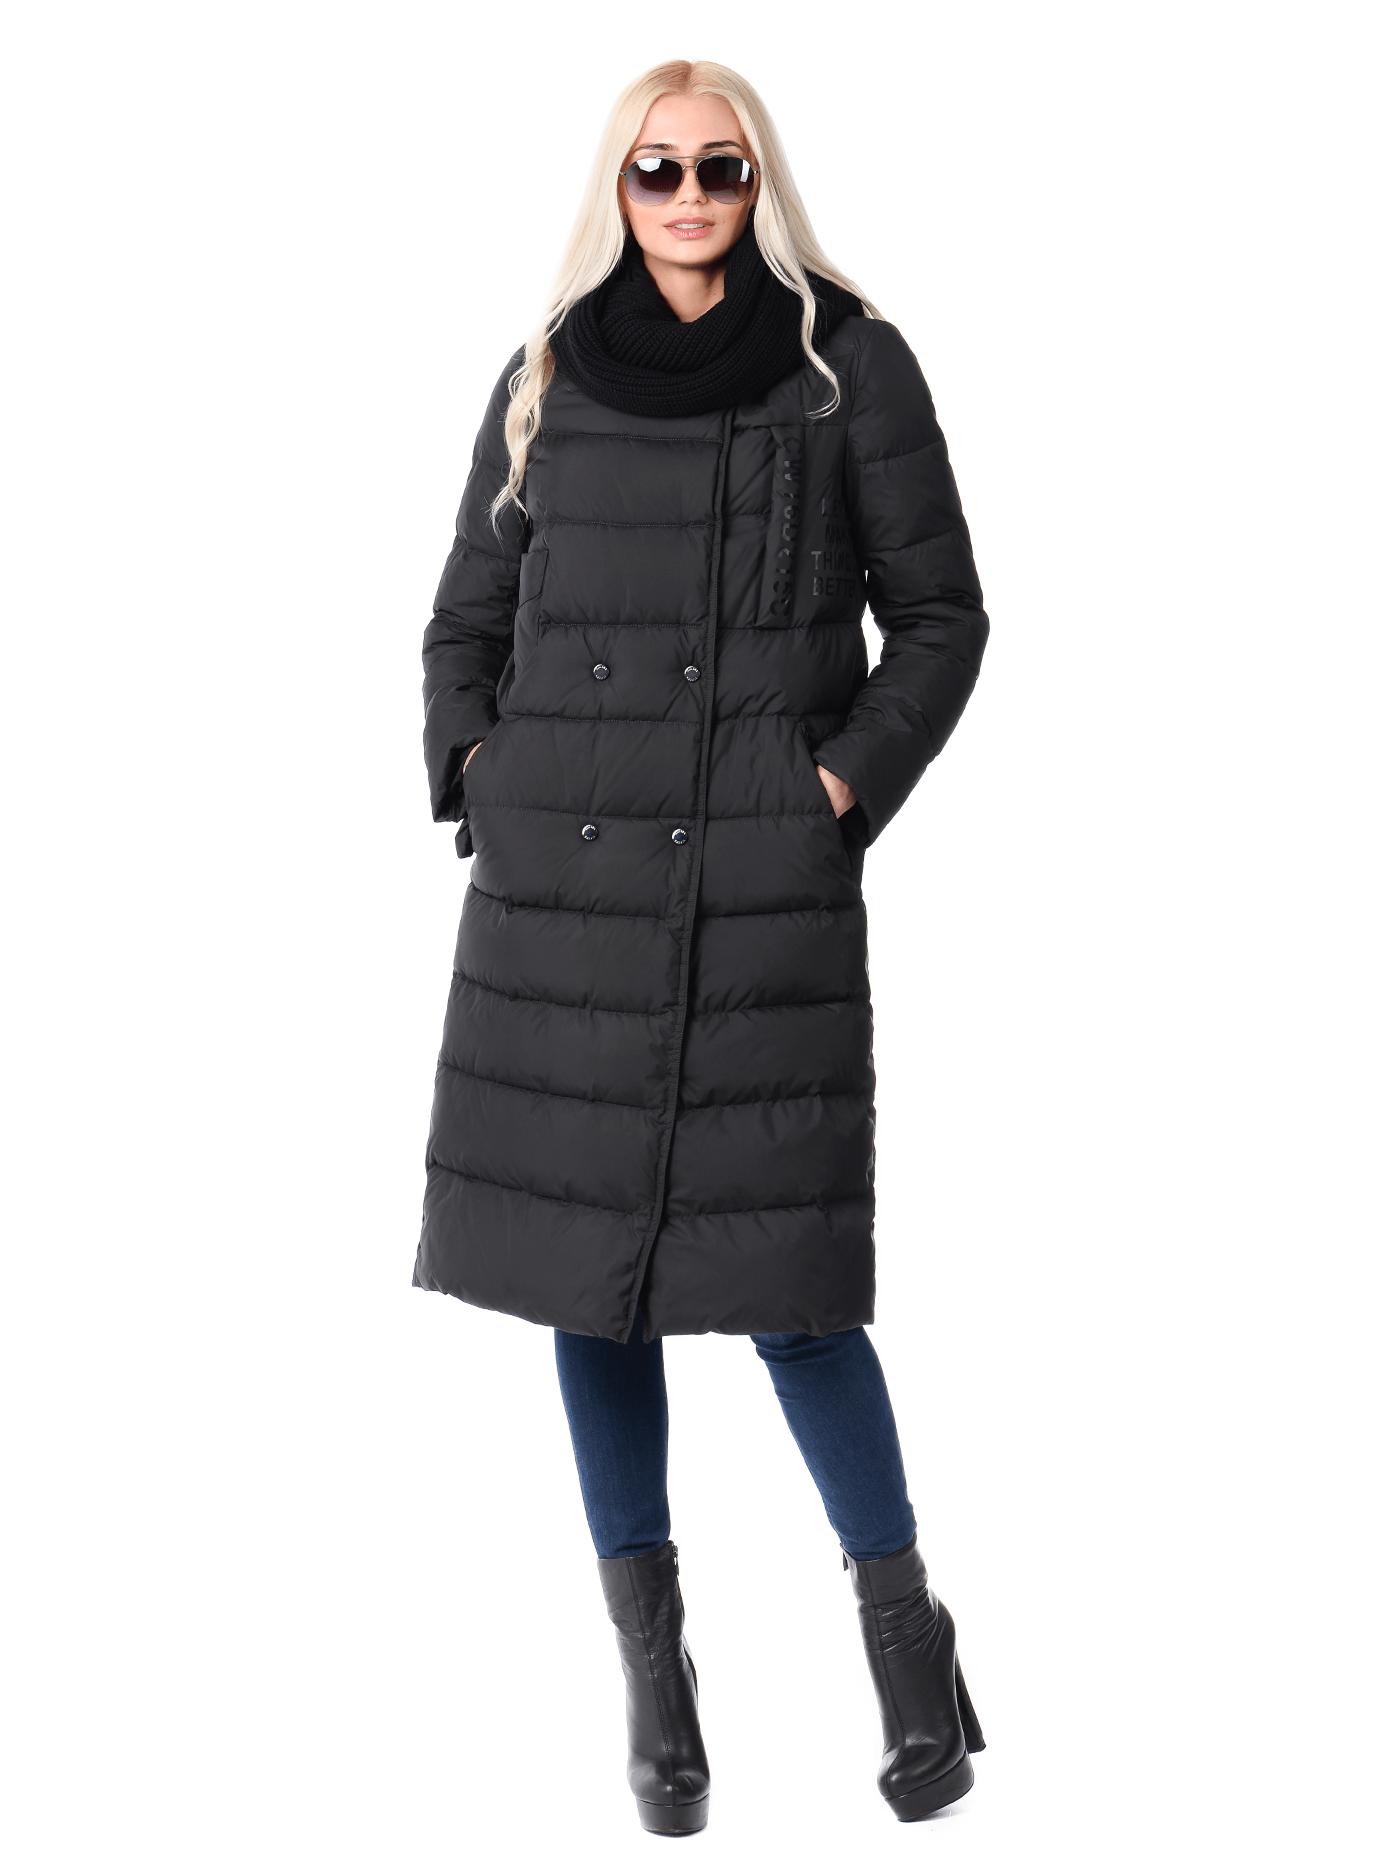 Куртка зимняя женская длинная Чёрный S (02-CR170393): фото - Alster.ua